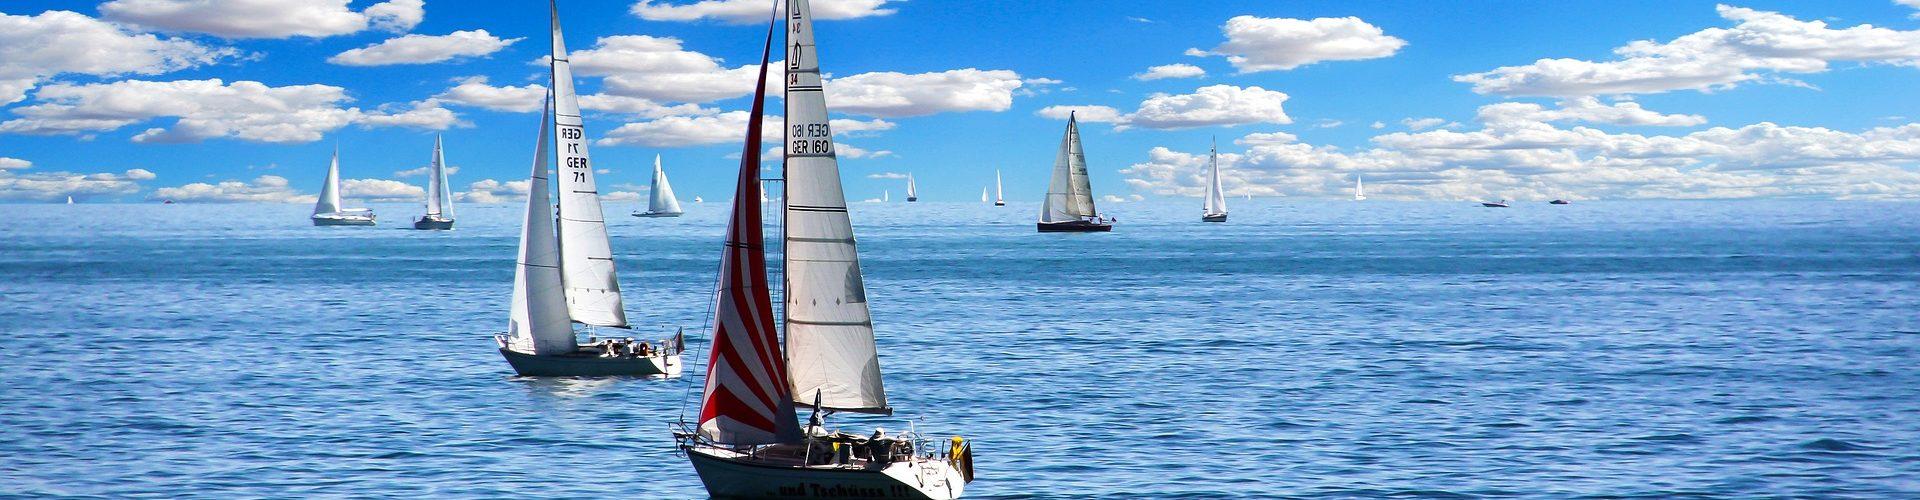 segeln lernen in Stahlhofen am Wiesensee segelschein machen in Stahlhofen am Wiesensee 1920x500 - Segeln lernen in Stahlhofen am Wiesensee